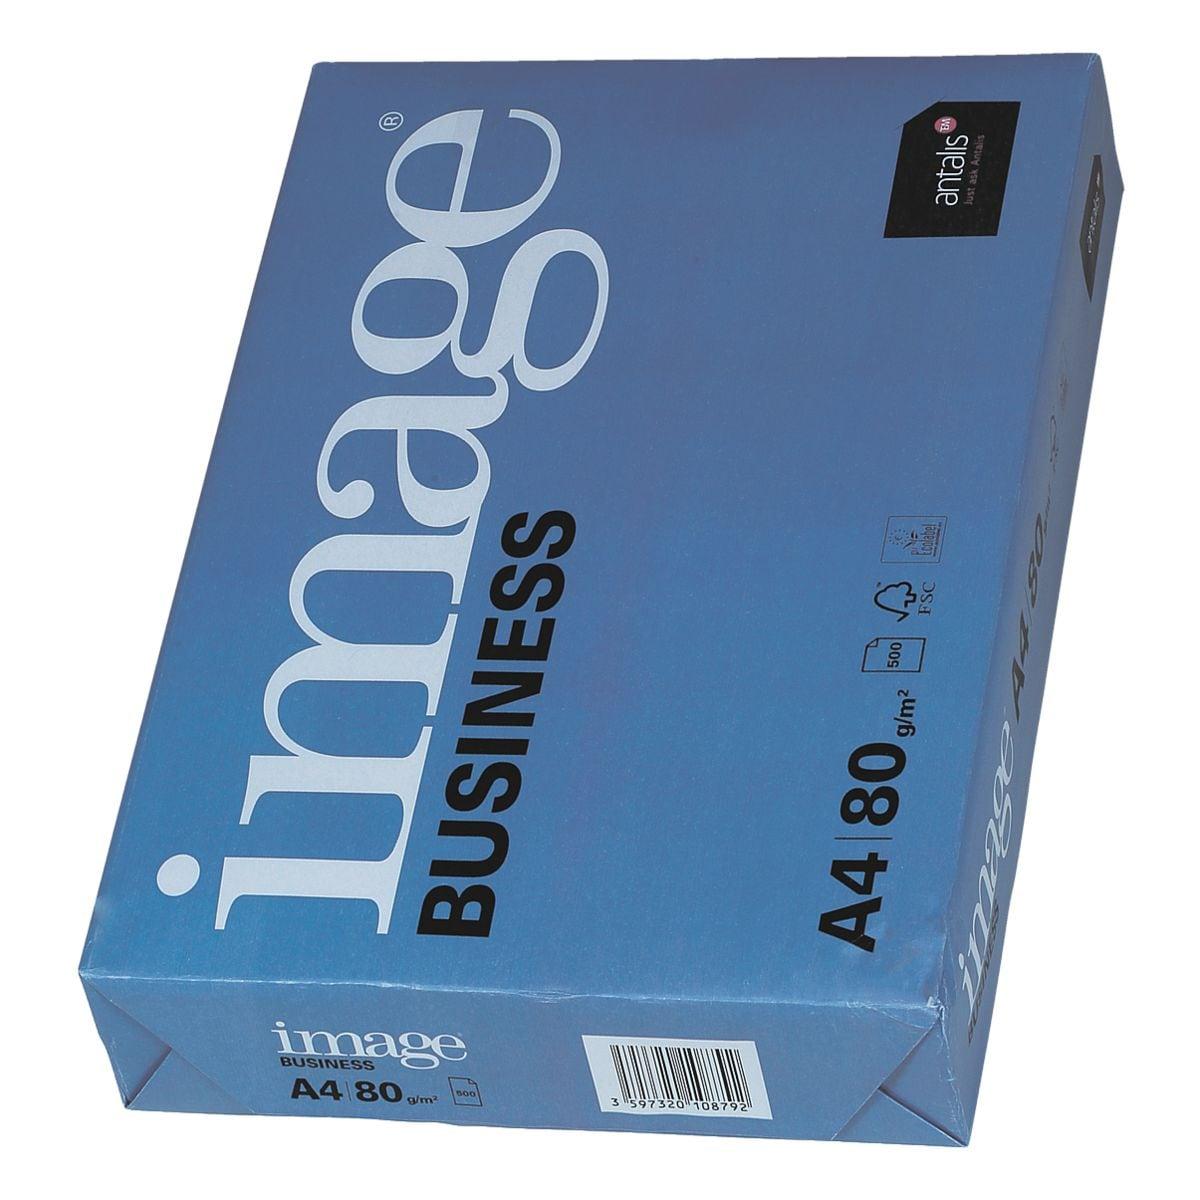 Papier imprimante multifonction A4 antalis image Business - 500 feuilles au total